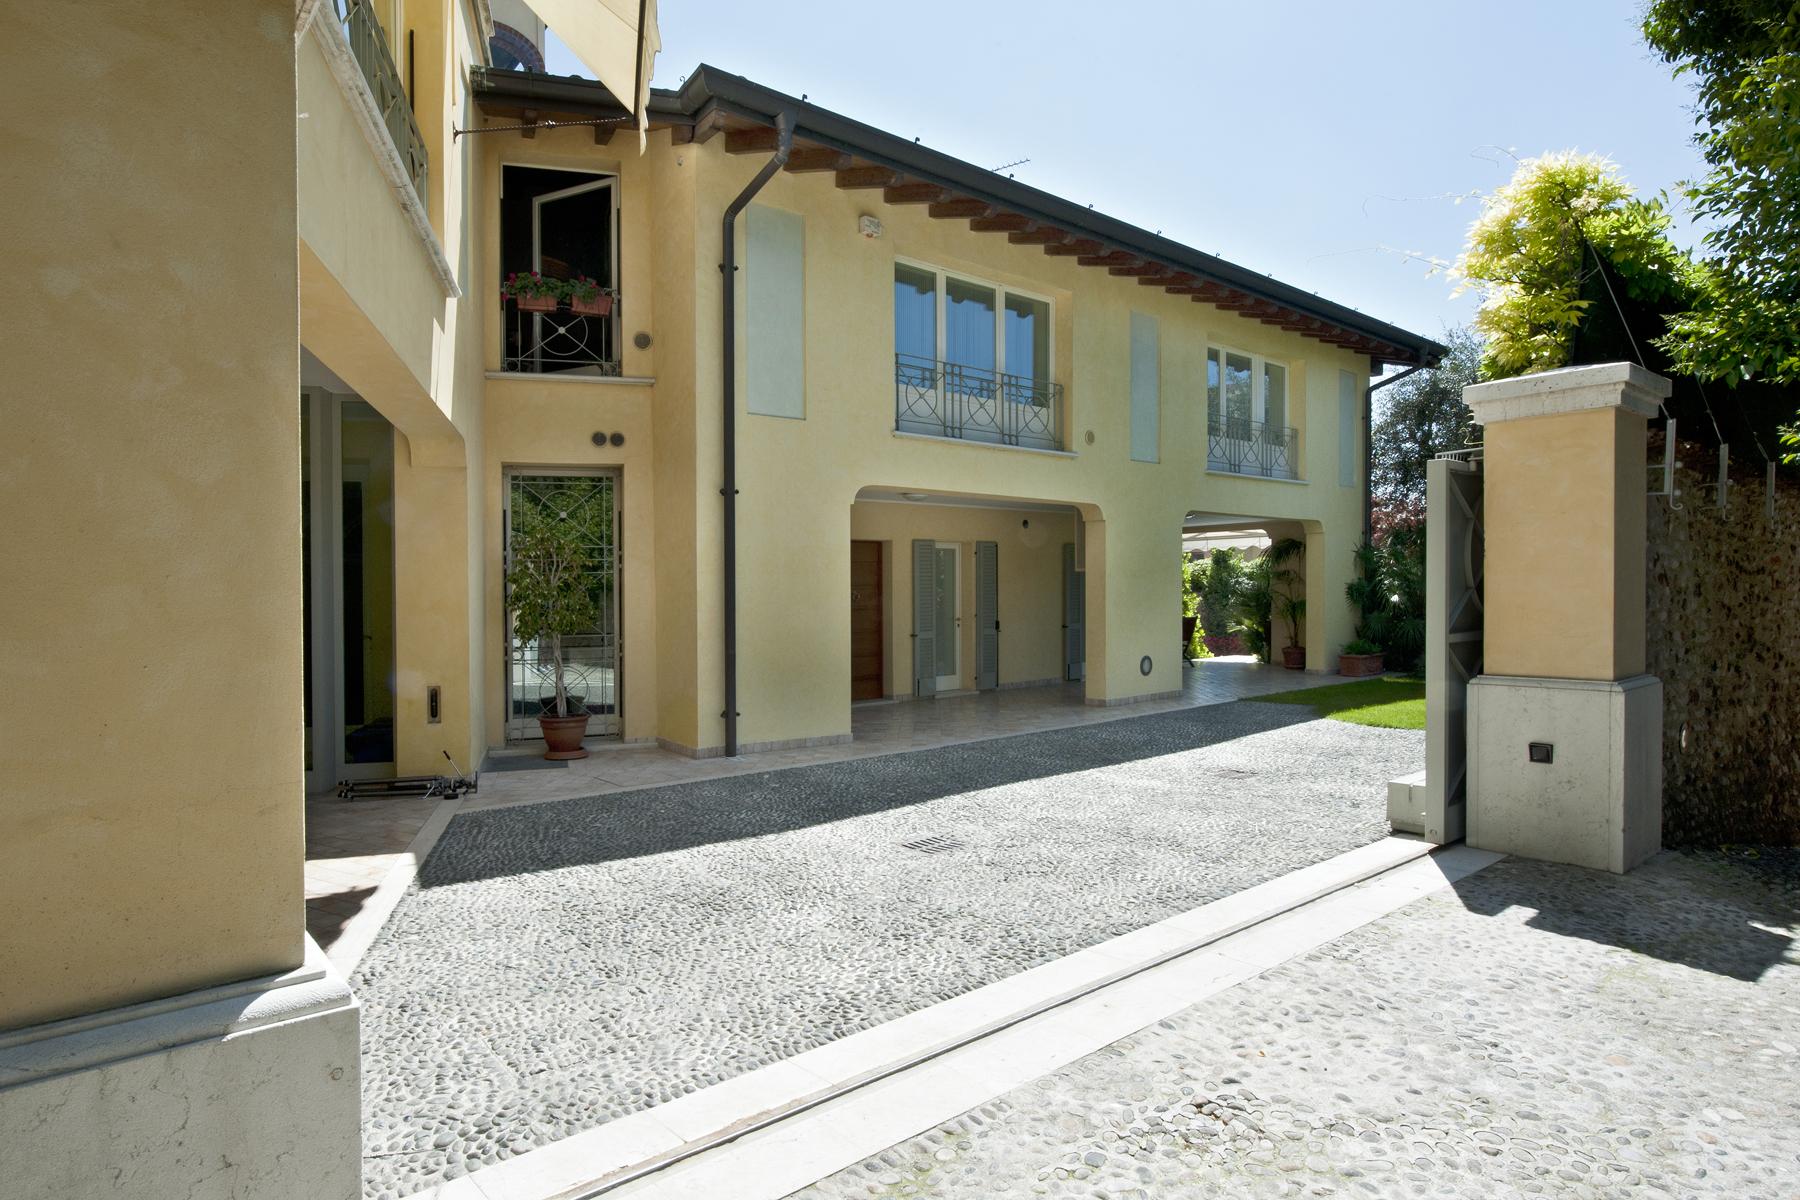 Palazzo in Vendita a Castiglione Delle Stiviere: 5 locali, 1000 mq - Foto 2